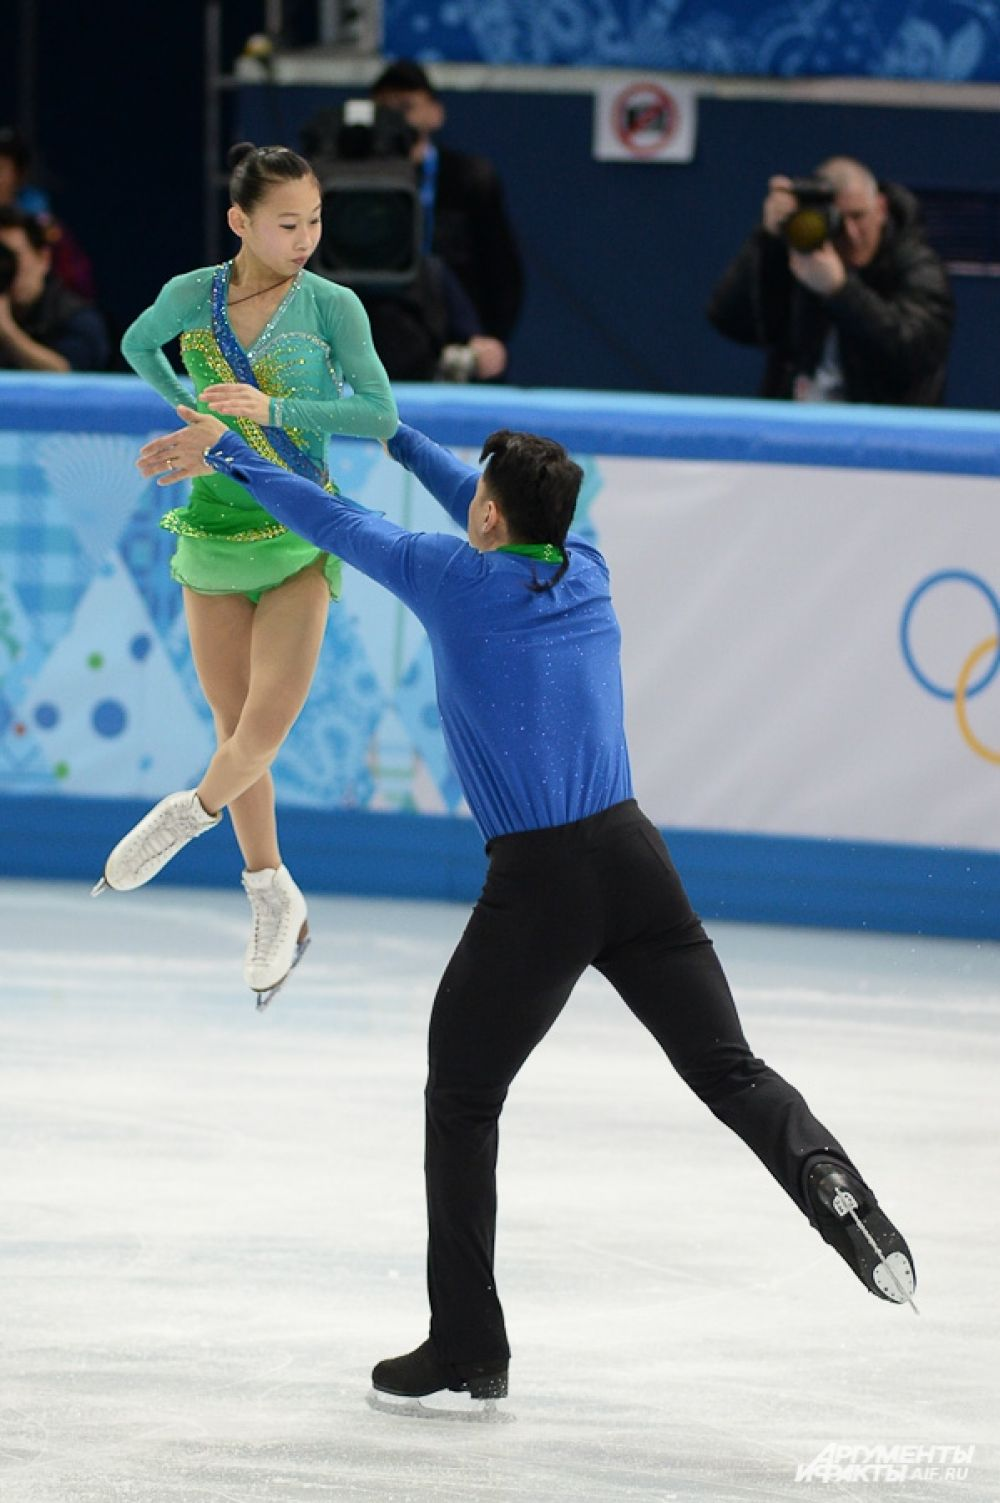 Китайцы Чень Пен – Хао Чжан заняли третьей место в короткой программе на соревнованиях спортивных пар командного турниар в Сочи. Судьи поставили им 71,01 балла